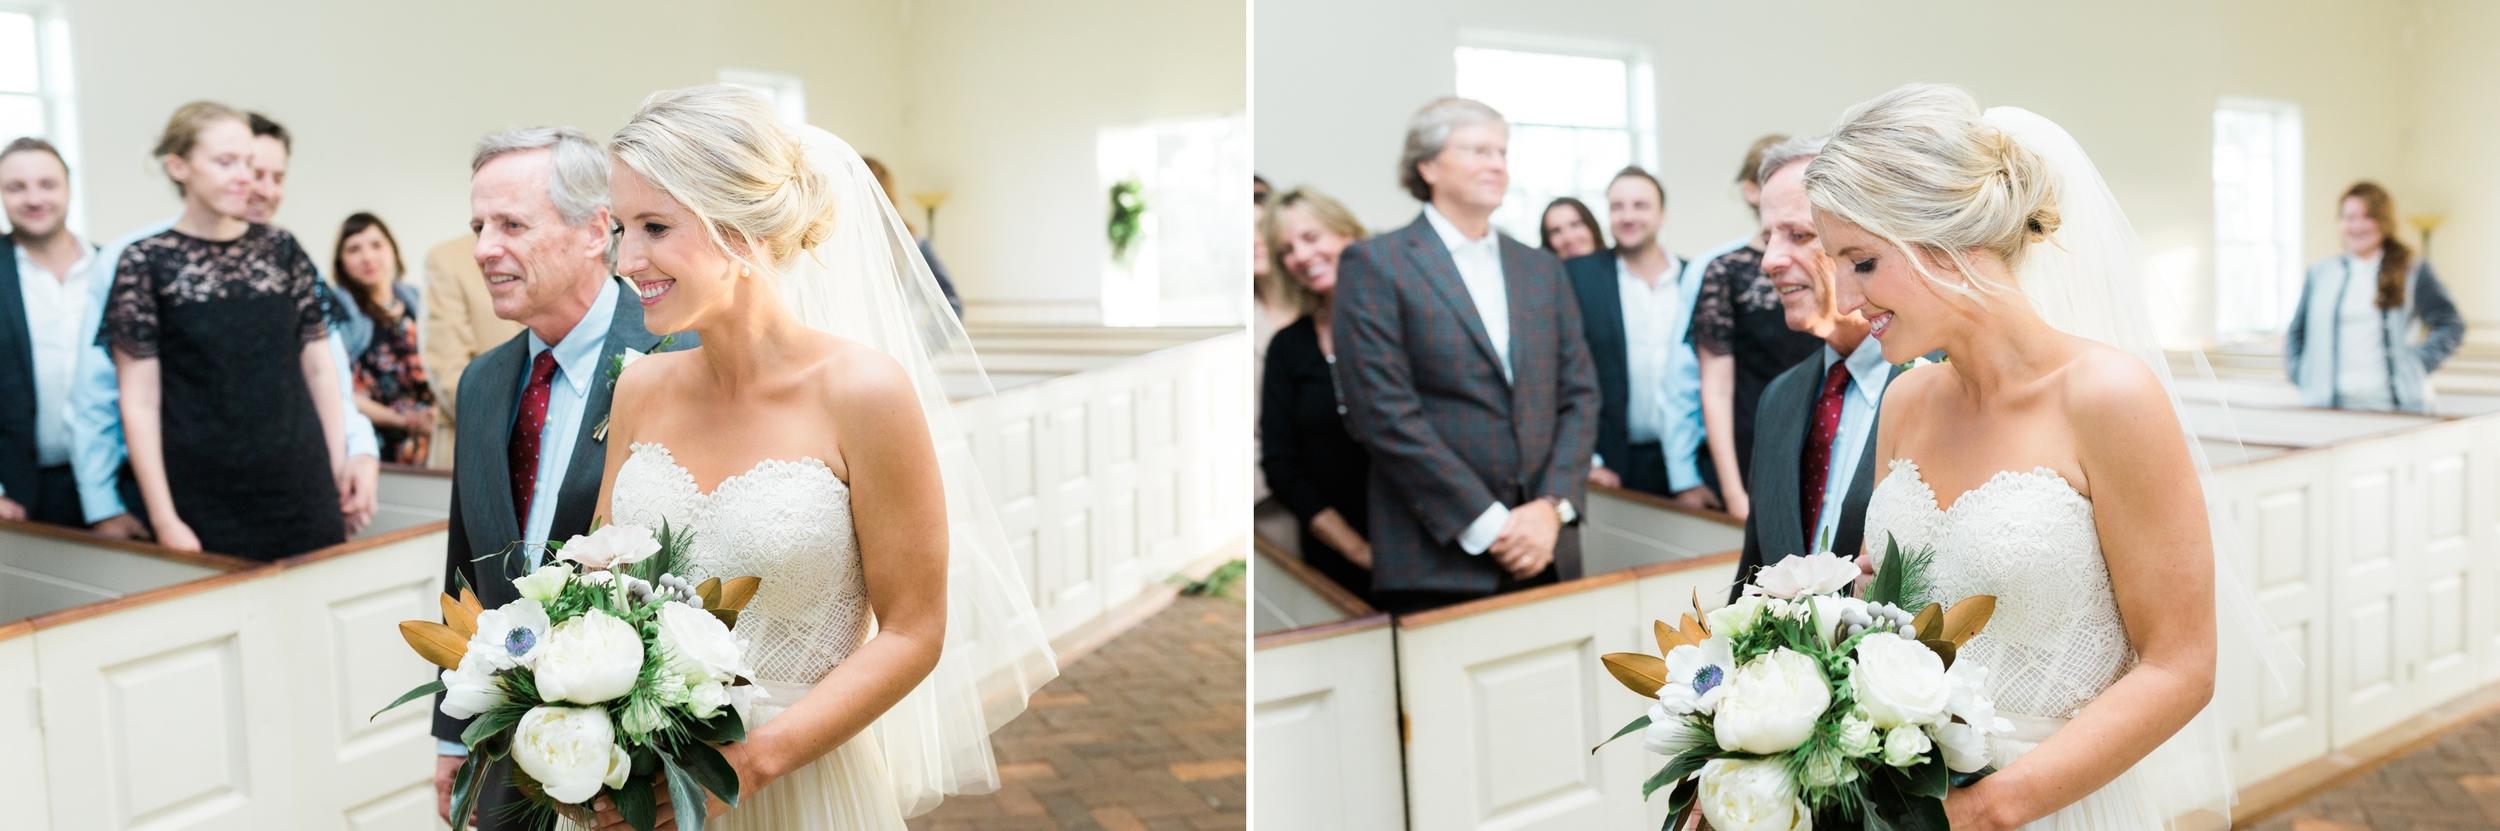 Carter and Molly Blanton - Wedding 22.jpg